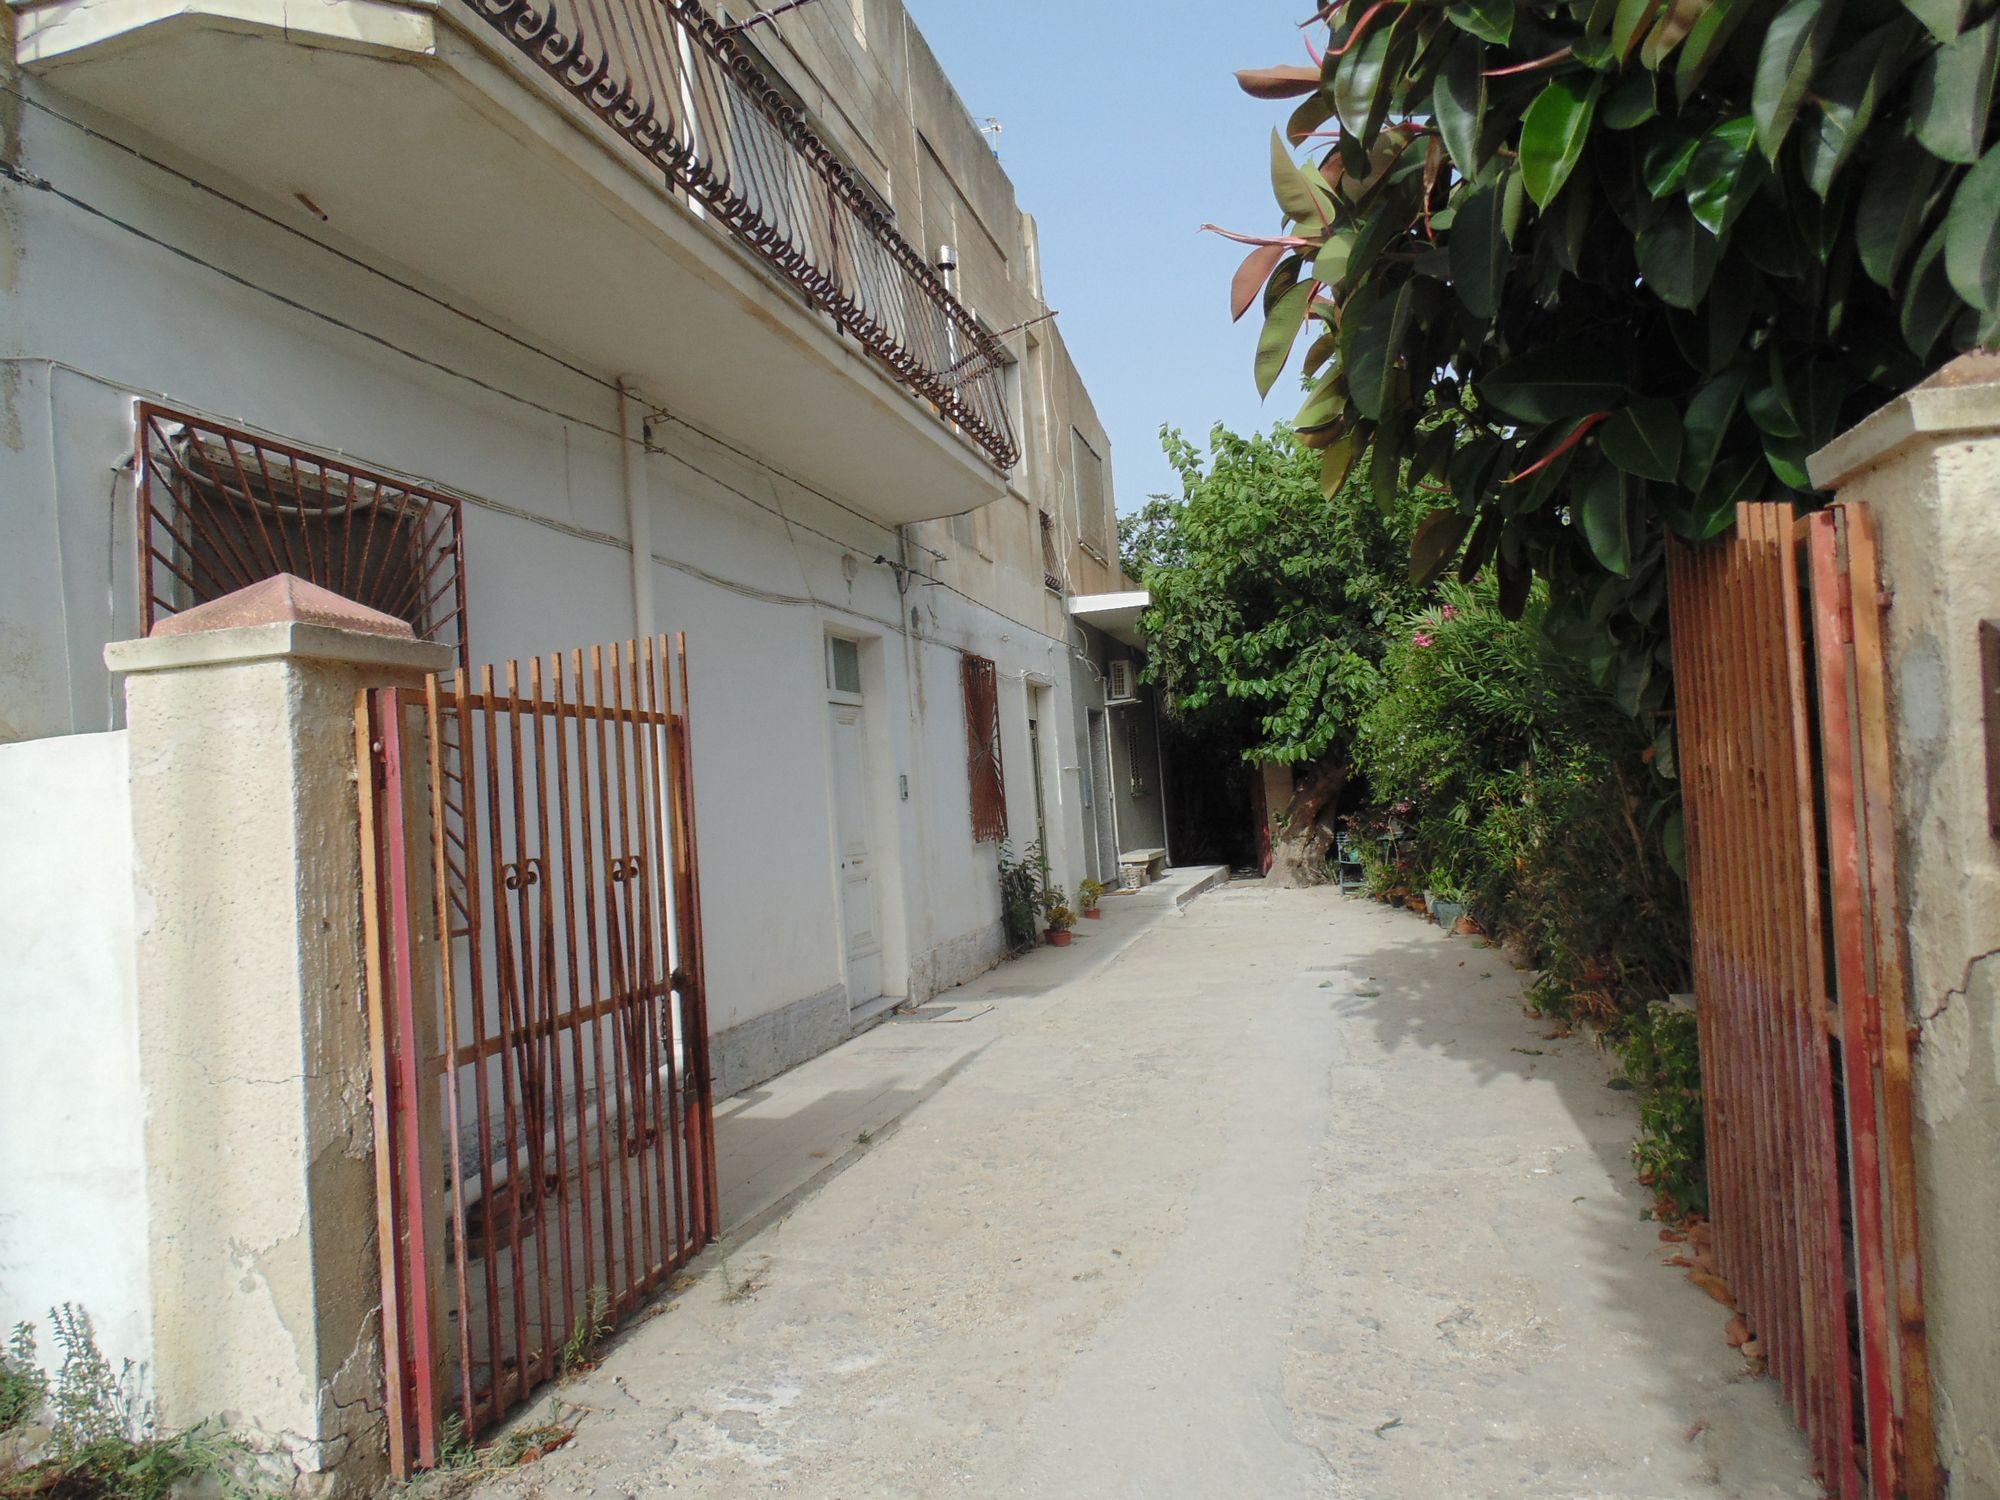 Appartamento al piano terra con ingresso indipendente con terreno di pertinenza mq 2.500. L